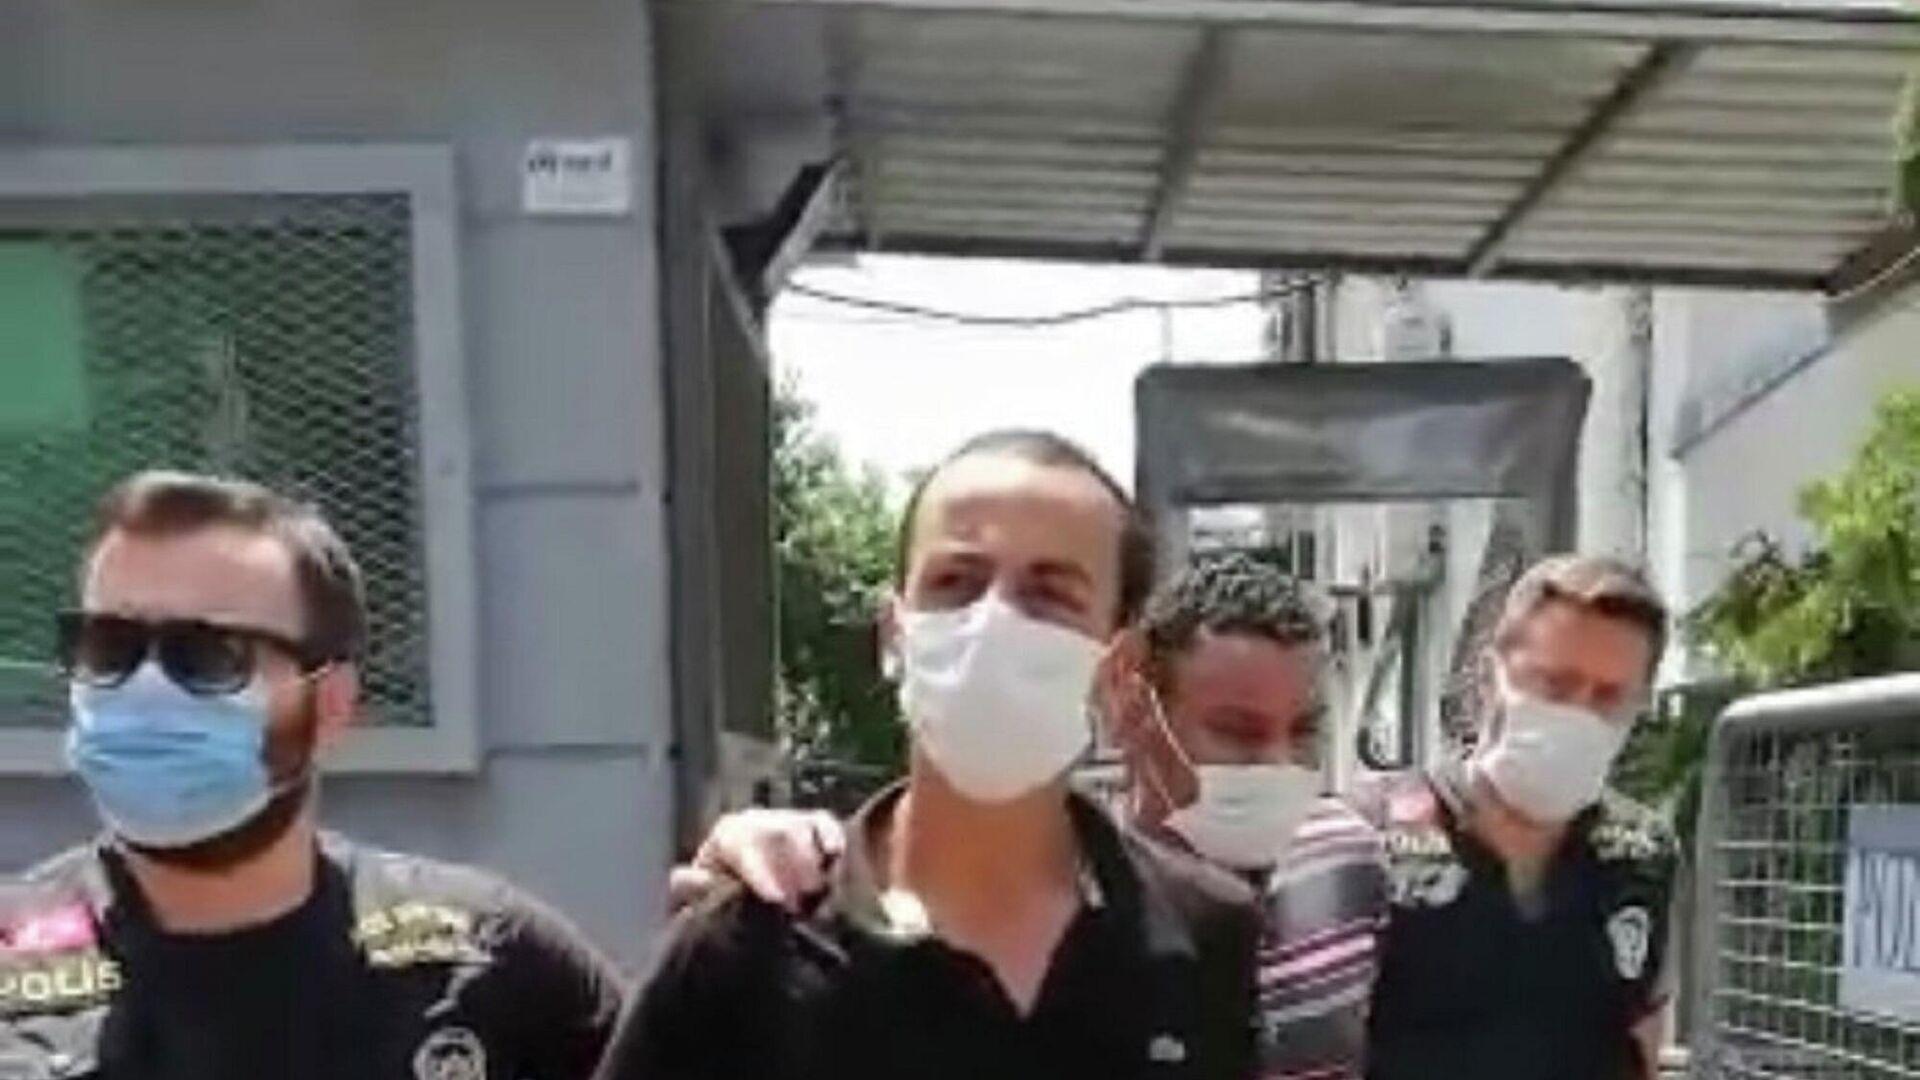 Beyoğlu'nda Faslı iki gaspçı Ürdünlü gencin kaçırdıktan sonra ellerini ve ayaklarını bağlayarak 15 gün boyunca kırbaçla işkence yaptı. - Sputnik Türkiye, 1920, 20.09.2021